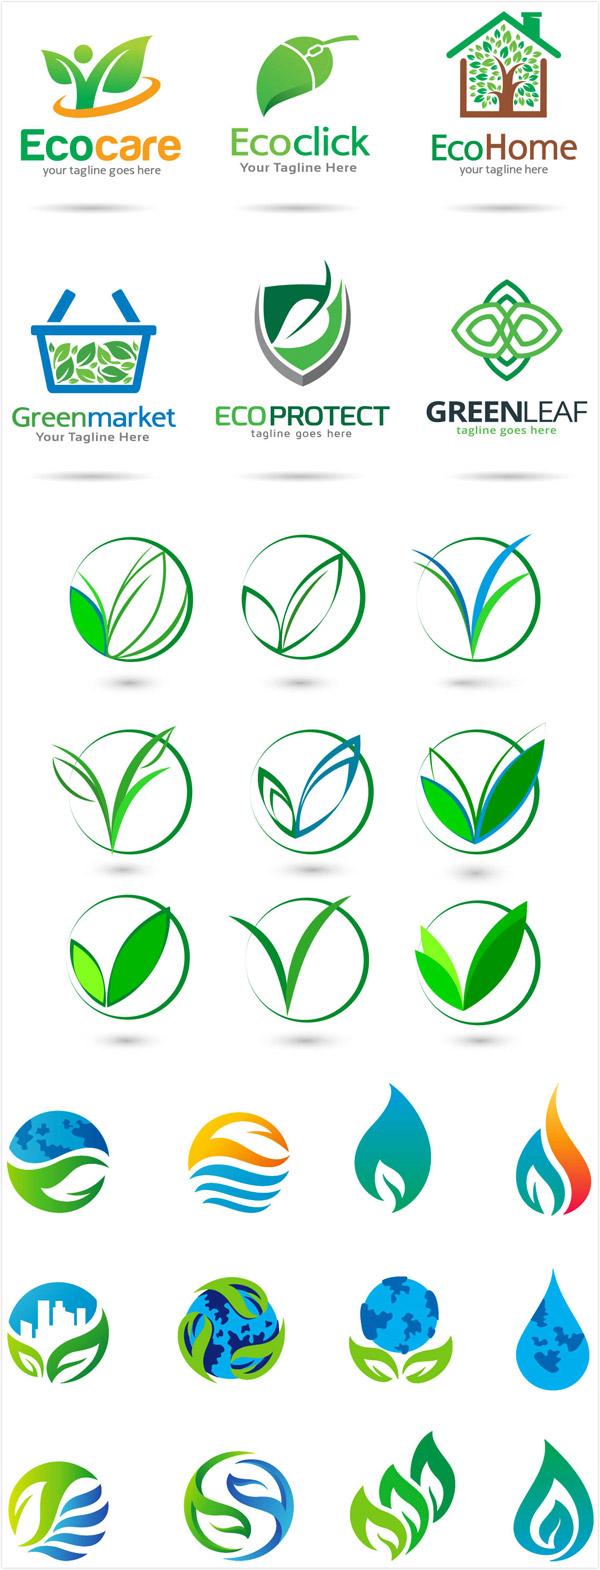 0 点 关键词: 时尚环保主题logo设计矢量素材,时尚图标,企业logo图片